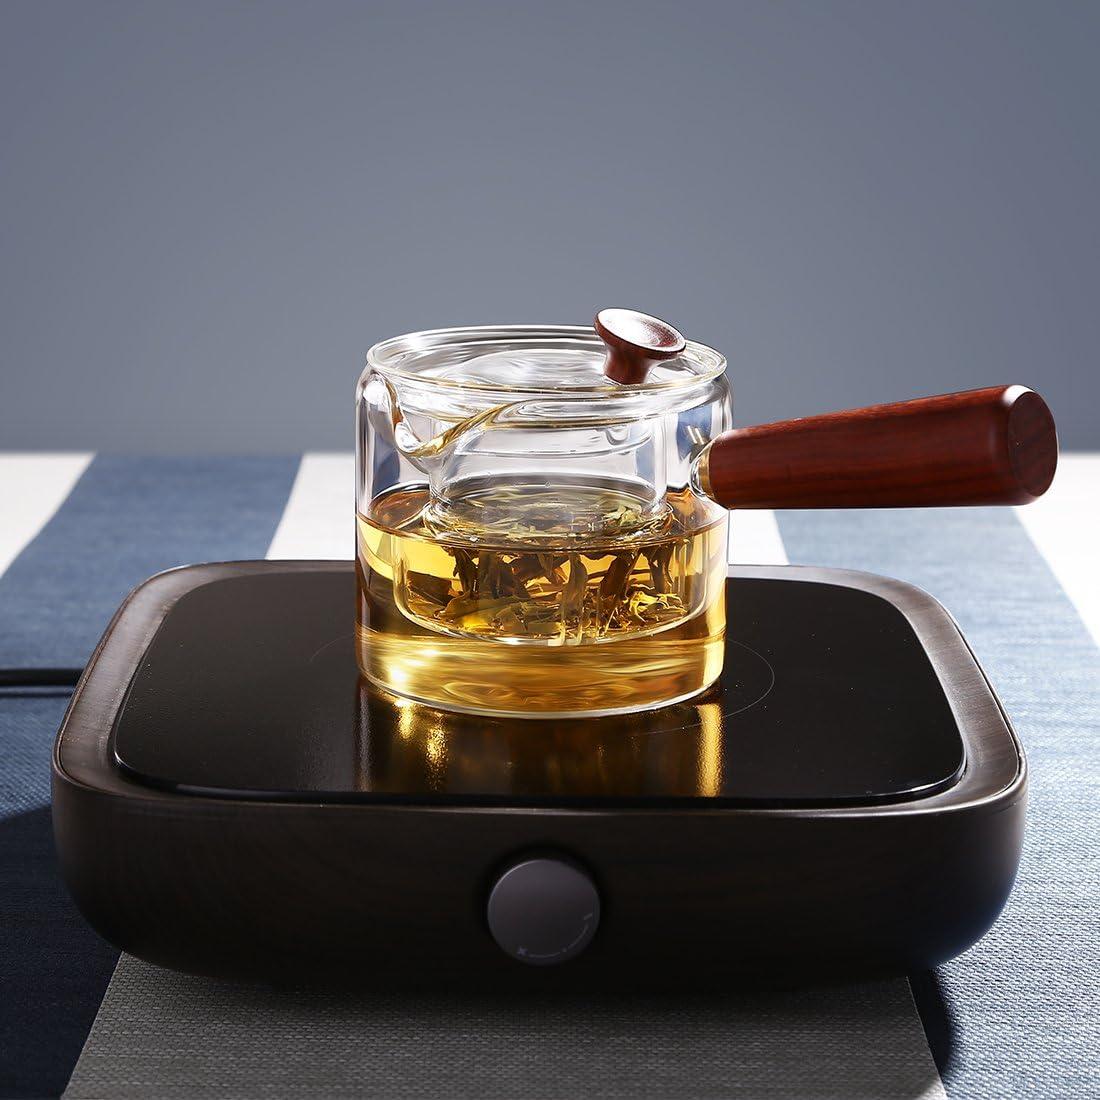 Oneisall GYBL458 Th/éi/ère en verre avec poign/ée en bois th/éi/ère durable avec filtre en verre pour la maison et le bureau 400 ml mini th/éi/ère /à th/é et /à caf/é